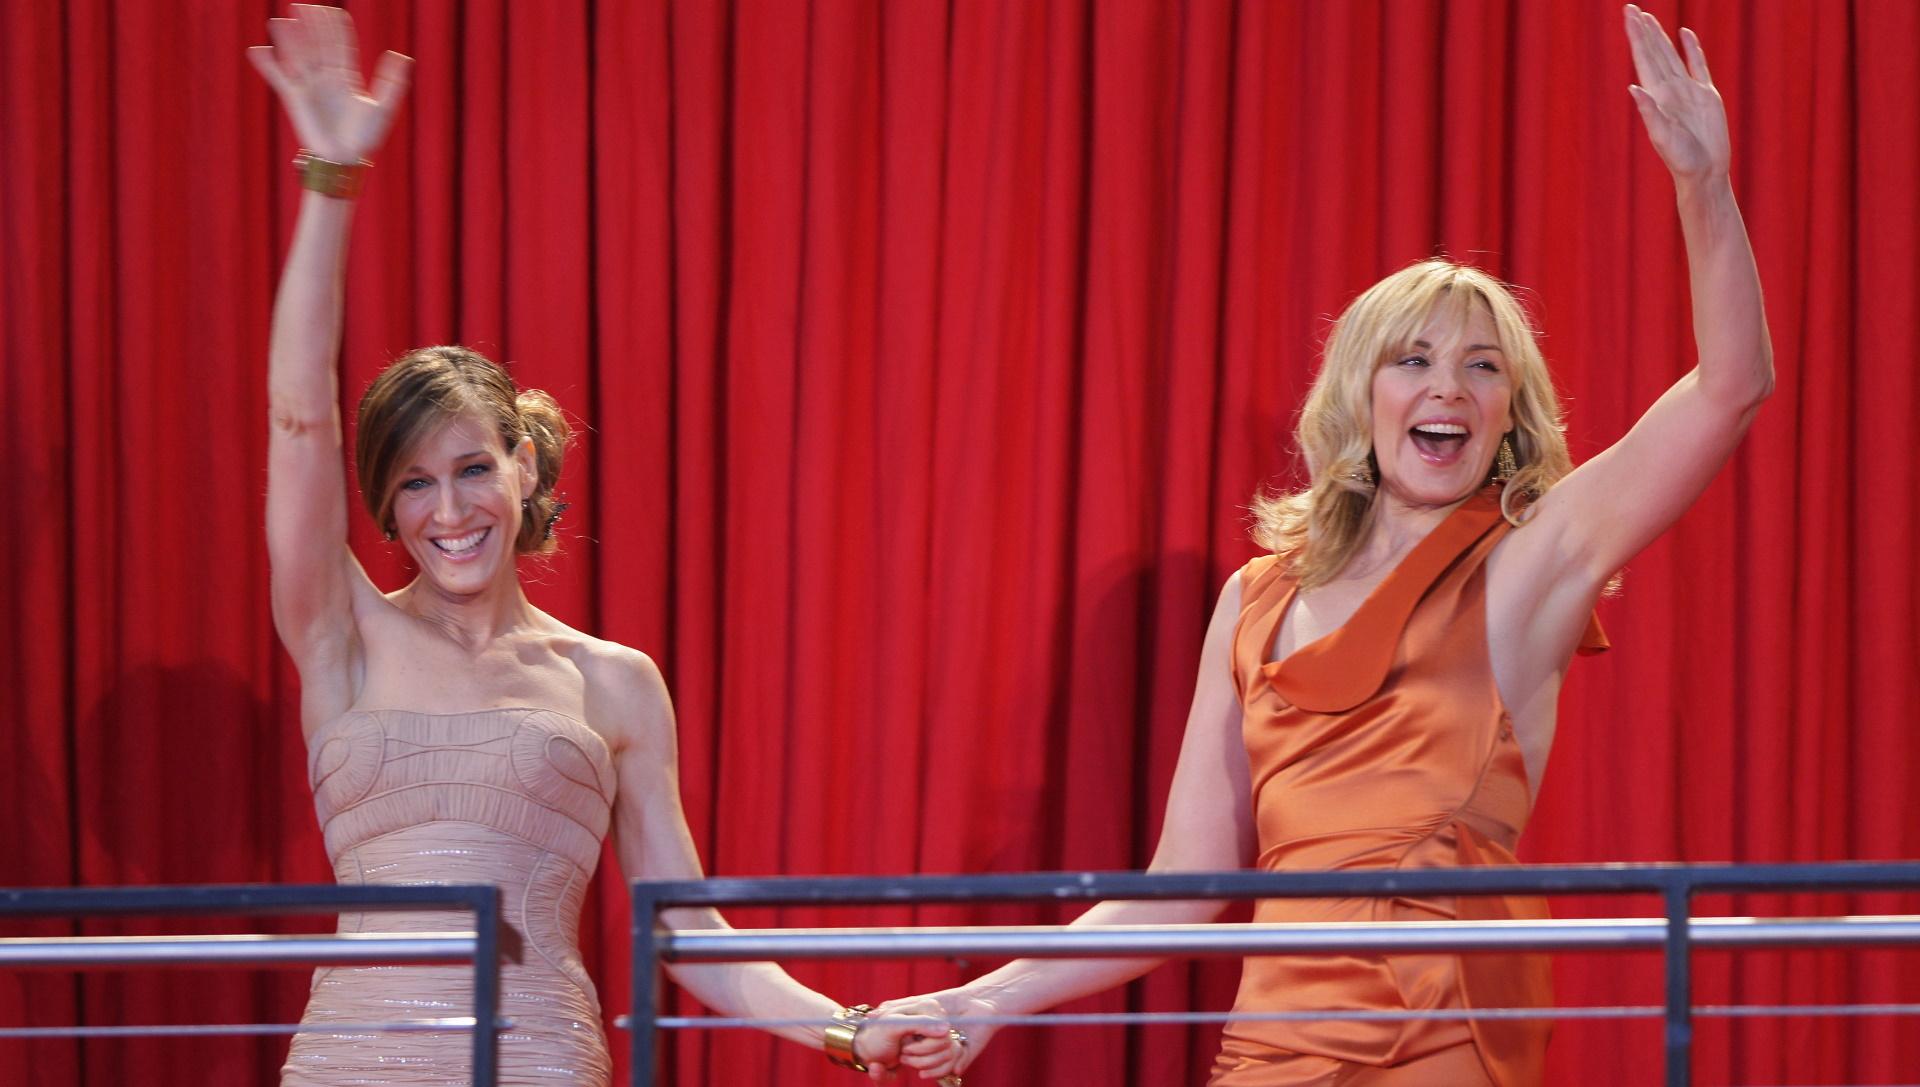 <p><strong>Сара Джесика Паркър и Ким Катрал</strong></p>  <p>Двете дами работиха заедно дълги години в сериала &bdquo;Сексът и градът&ldquo; и човек би предположил, че се разбират отлично. Но не е така, Катрал не била доволна, че Паркър получавала много по-висок хонорар, а Сара се ядосвала, че героинята на Ким била любимка на публиката.</p>